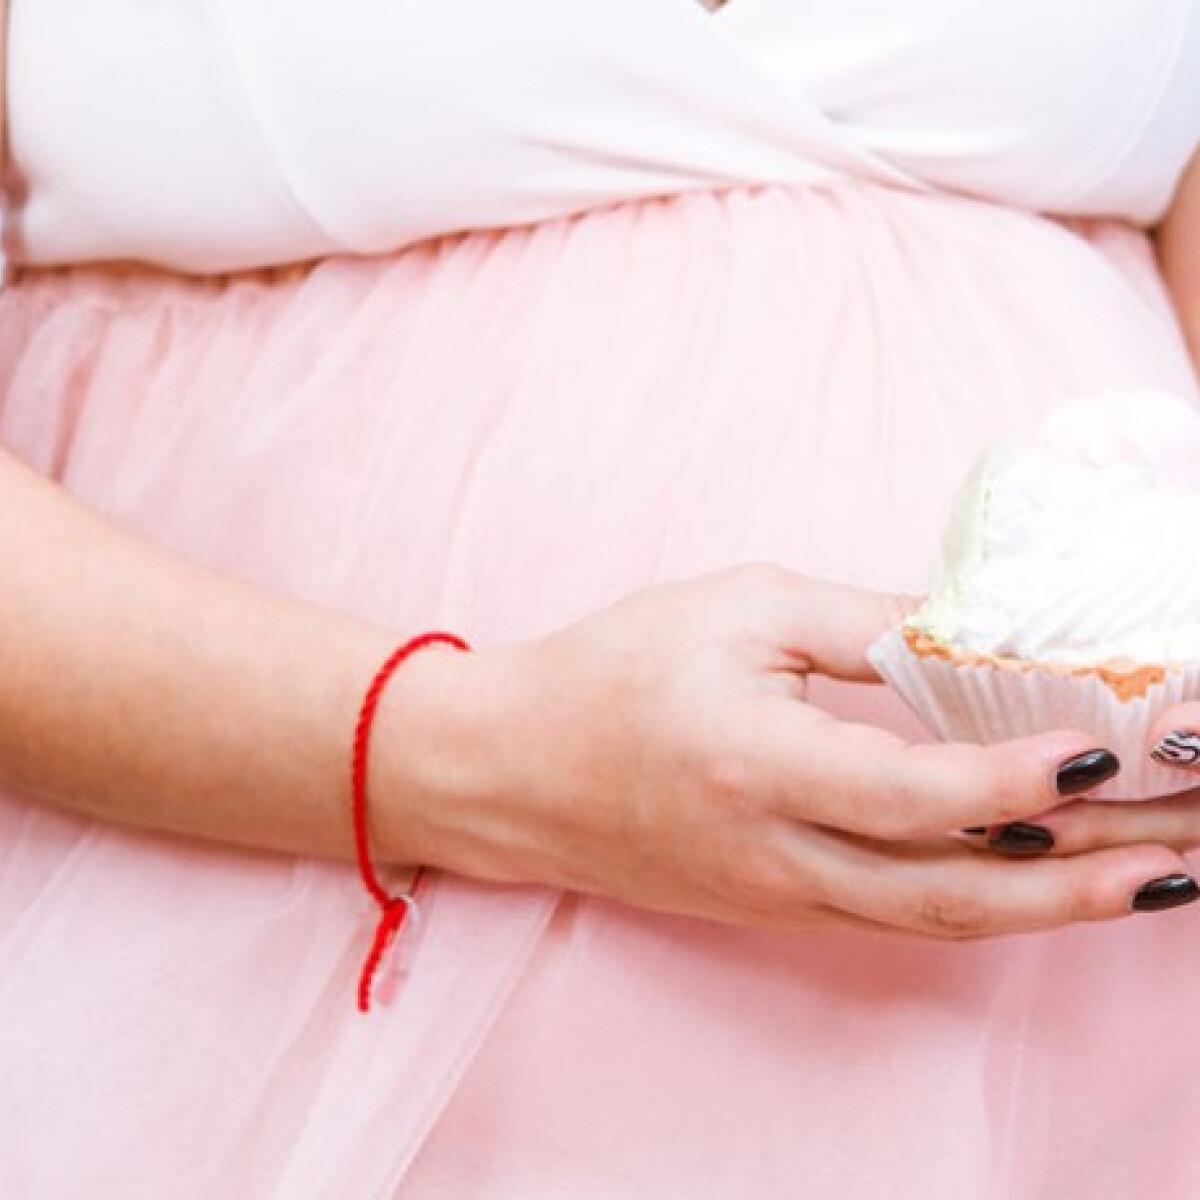 Az extrém terhességi rosszullét nem